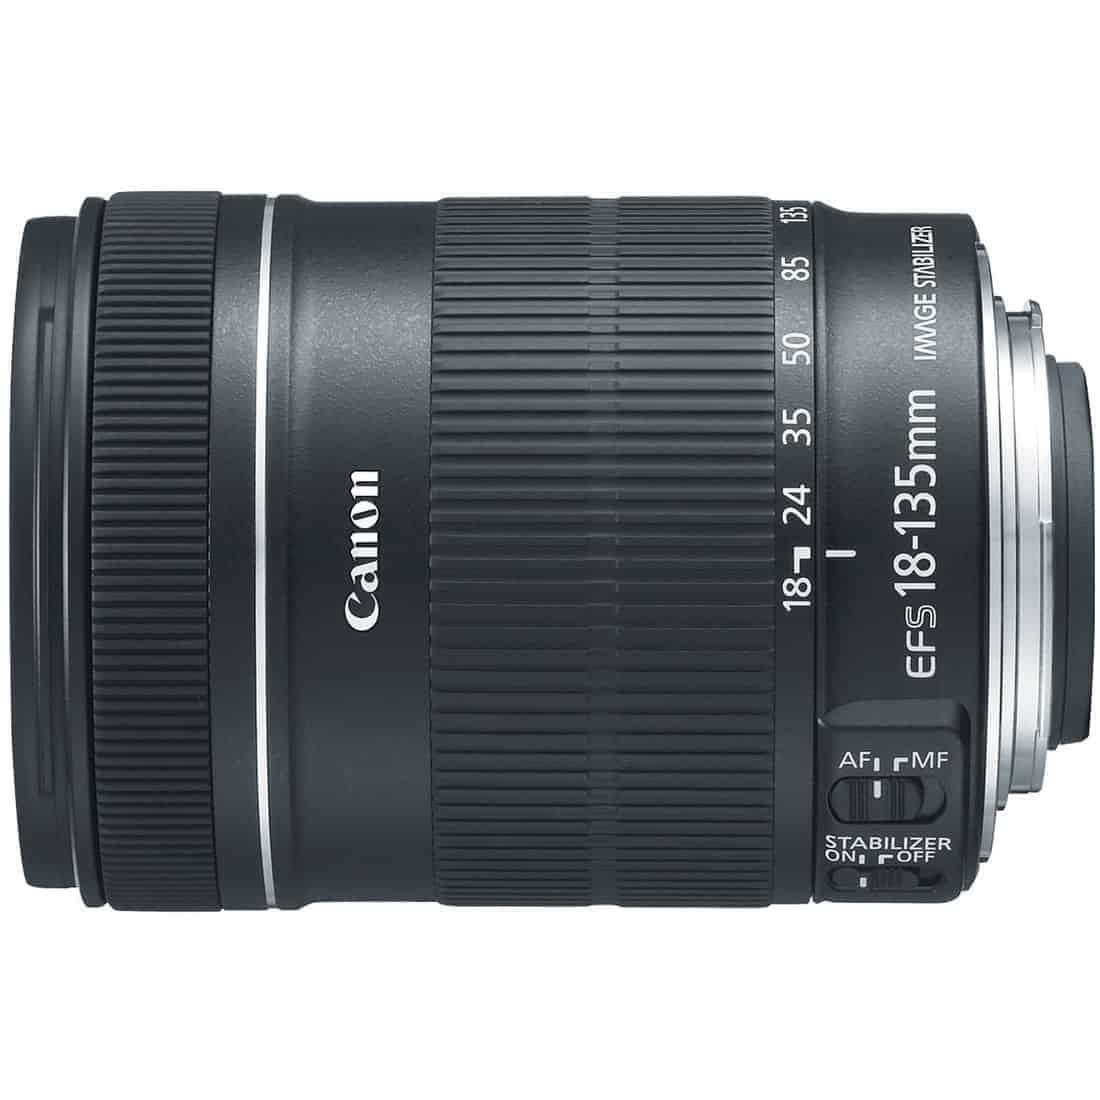 canon 18 135mm stm zoom do all killer lens for shooting. Black Bedroom Furniture Sets. Home Design Ideas